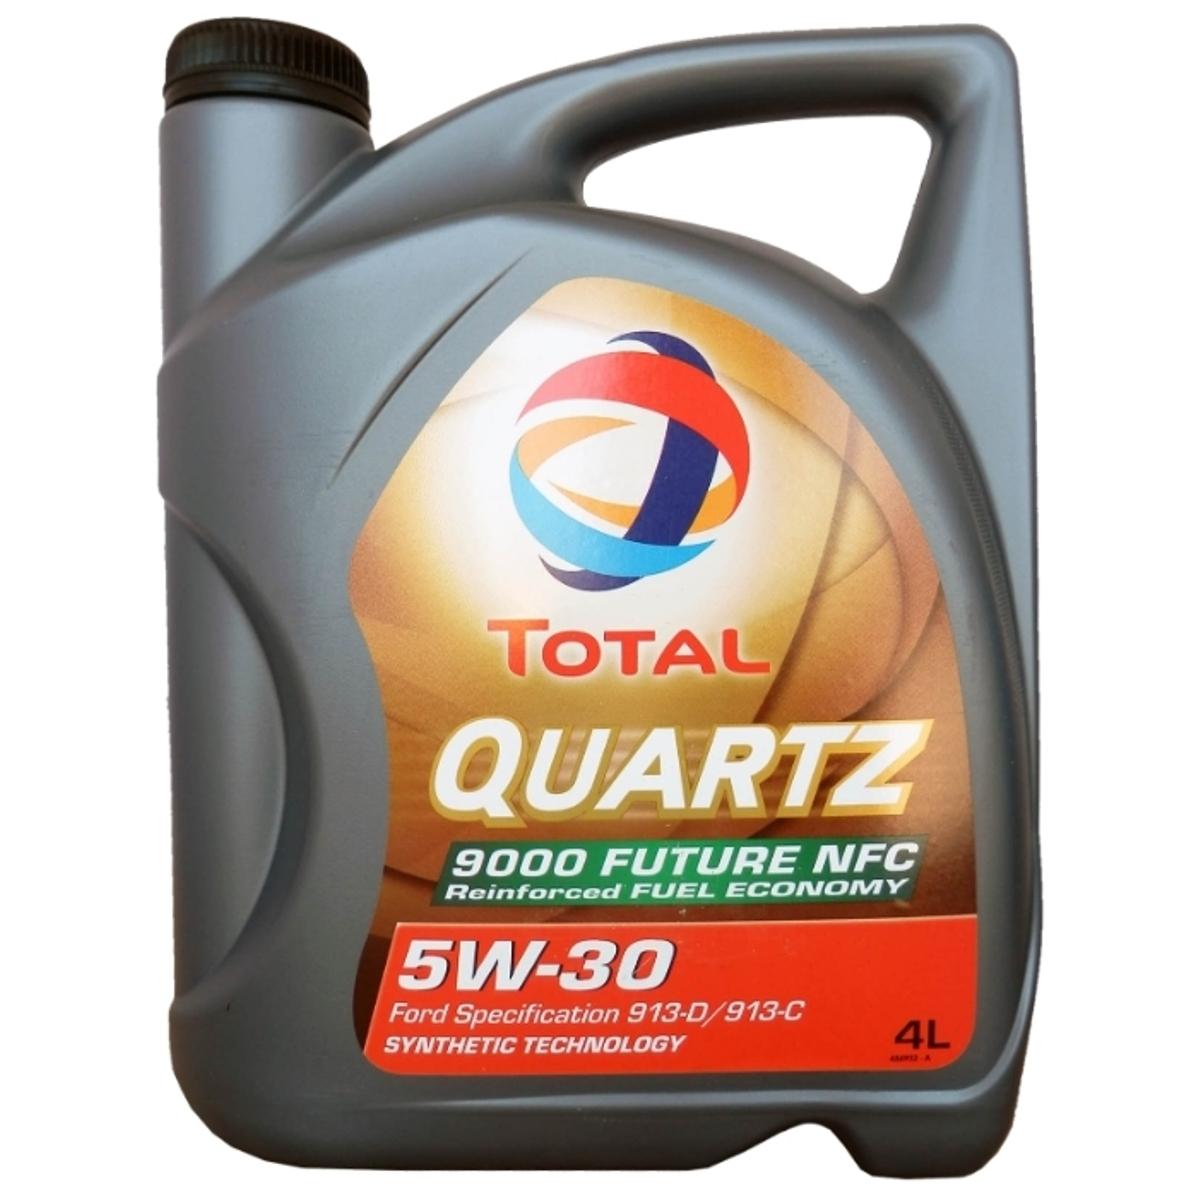 Моторное масло Total Quartz Future NFC 9000 5w30, 4 лS03301004Total Quartz 9000 Future NFC SAE 5W-30 рекомендуется для турбированных, мультиклапанных двигателей и двигателей с прямым впрыском. Может применяться при наиболее сложных условиях эксплуатации (трасса, городские поездки по пробкам) в любое время года. Совместимо с двигателями, оборудованными системами каталитического дожига, работающих на неэтилированном бензине или сжиженном газе. Спецификация Ford WSS-M2C 913-B|Ford WSS-M2C 913-C|Ford WSS-M2C 913-D